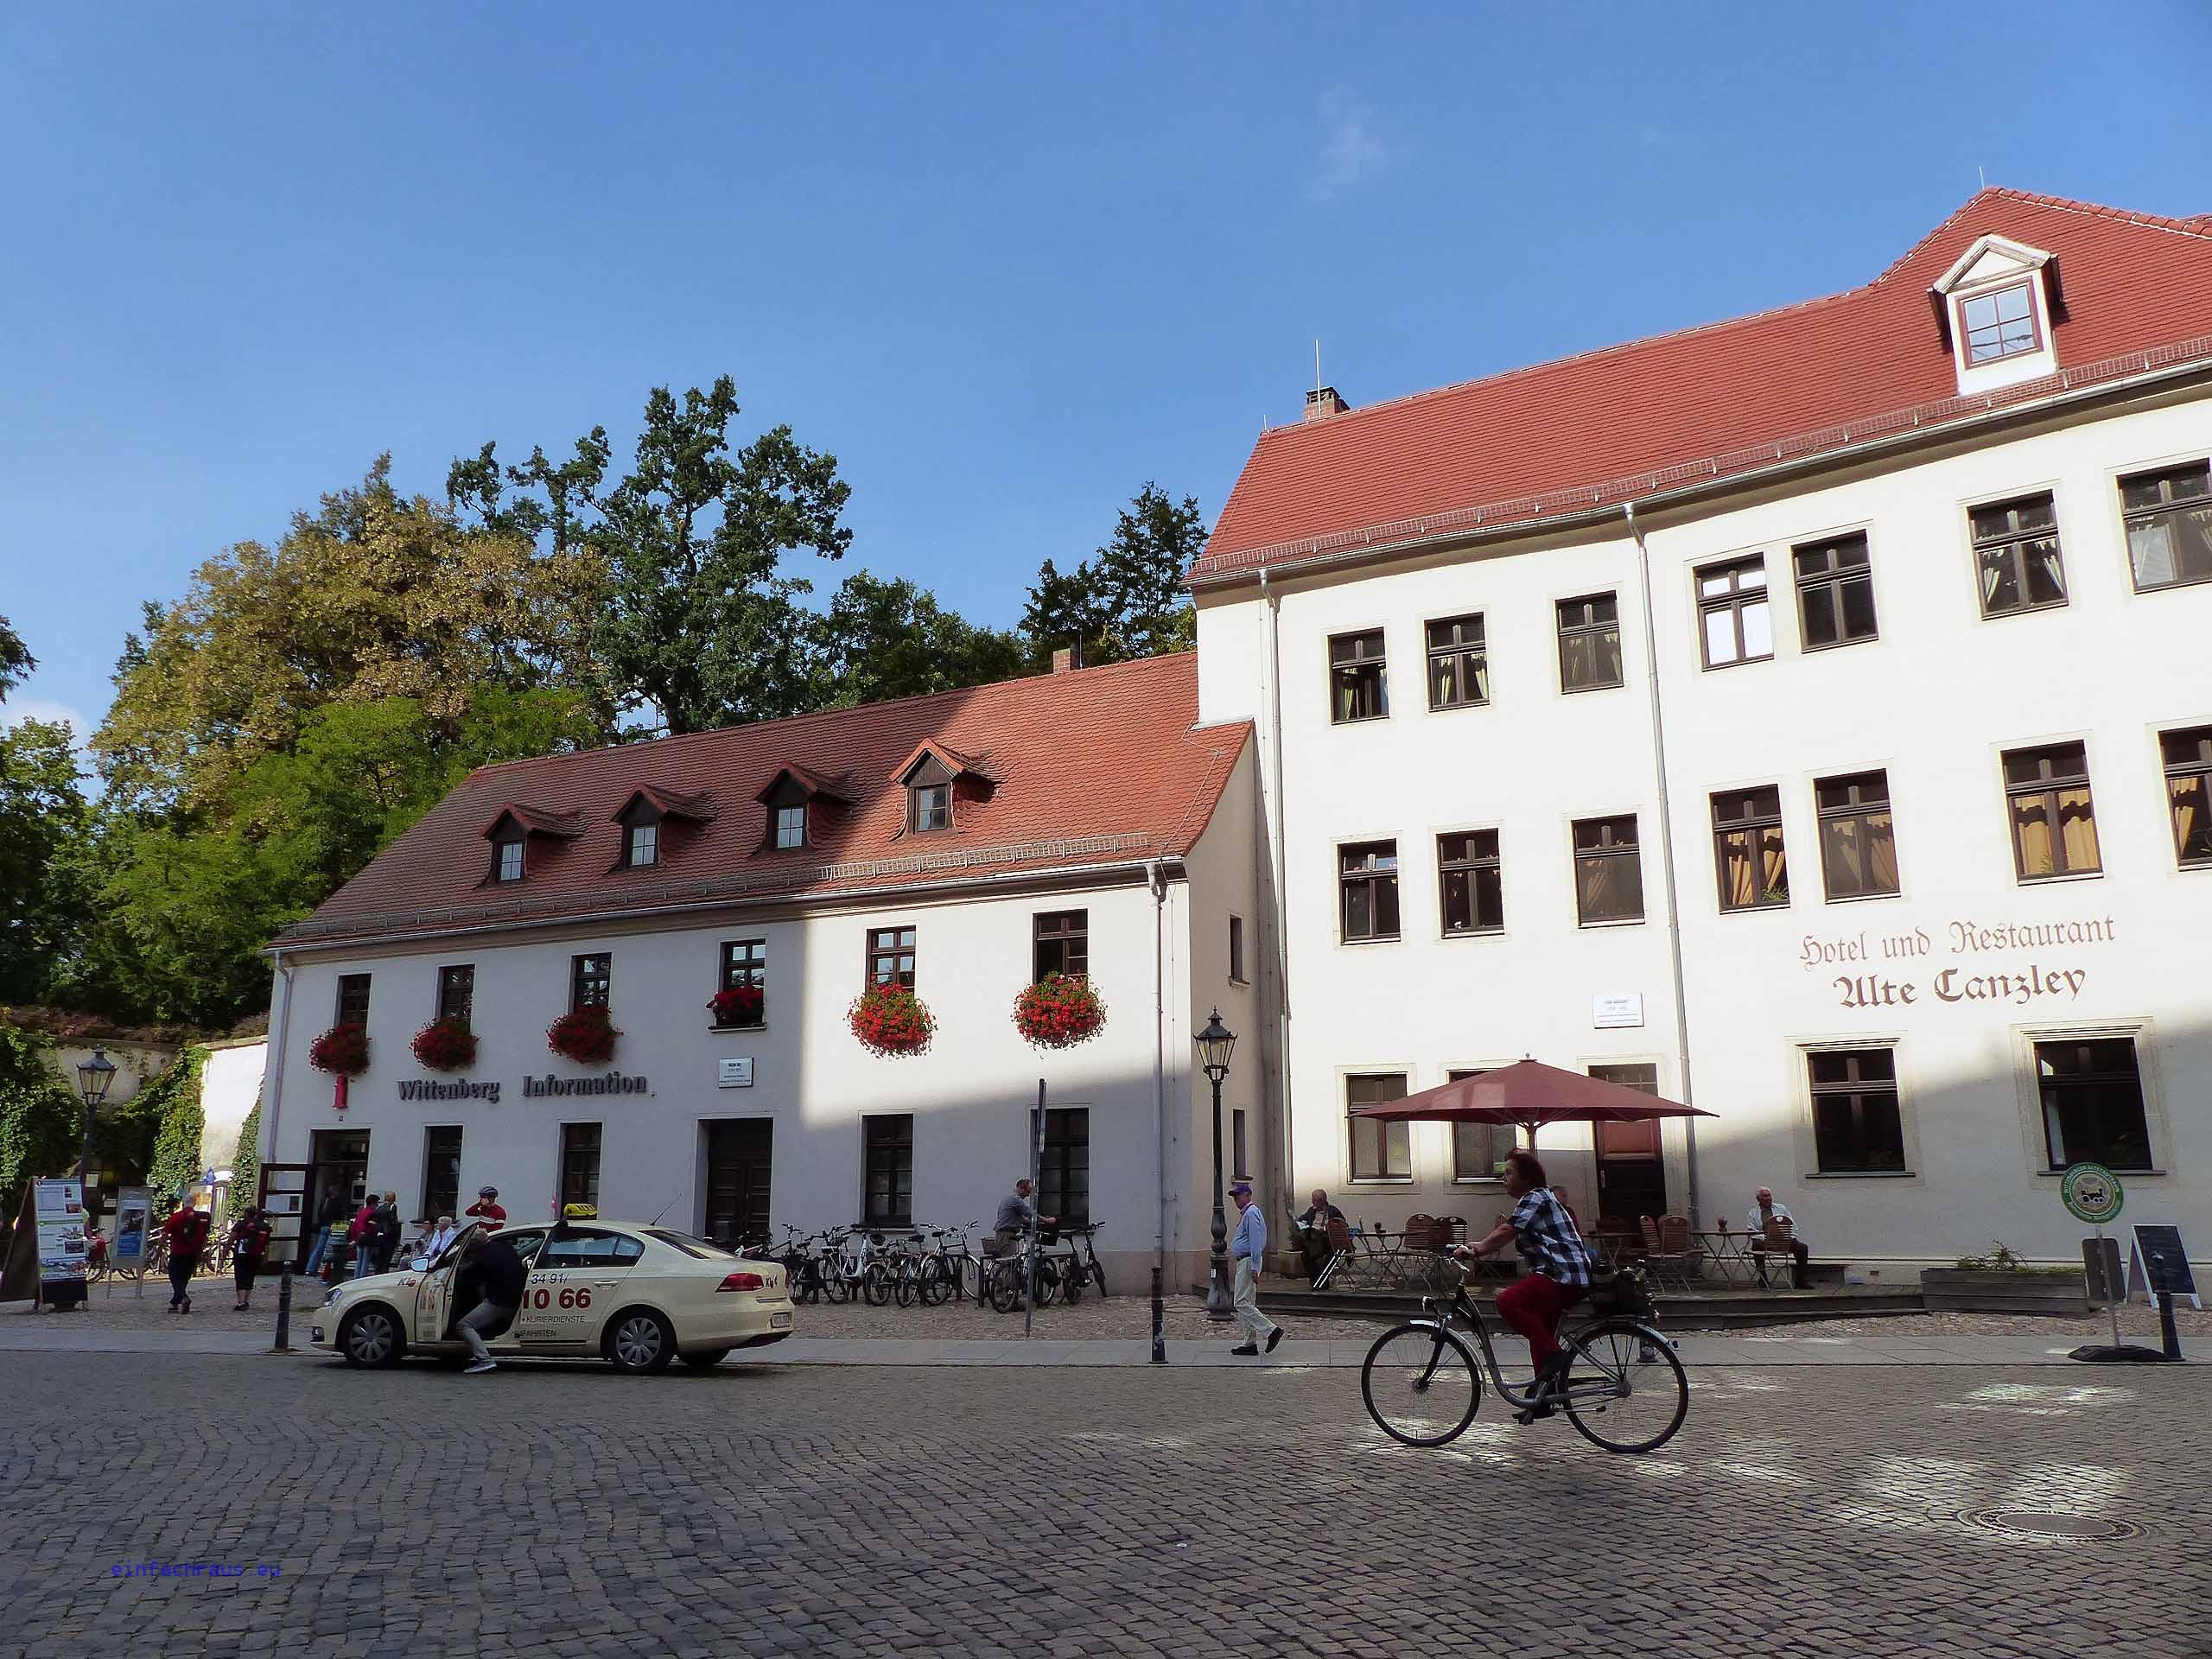 Wittenberg Information und Hotel Alte Canzley, Foto: Weirauch